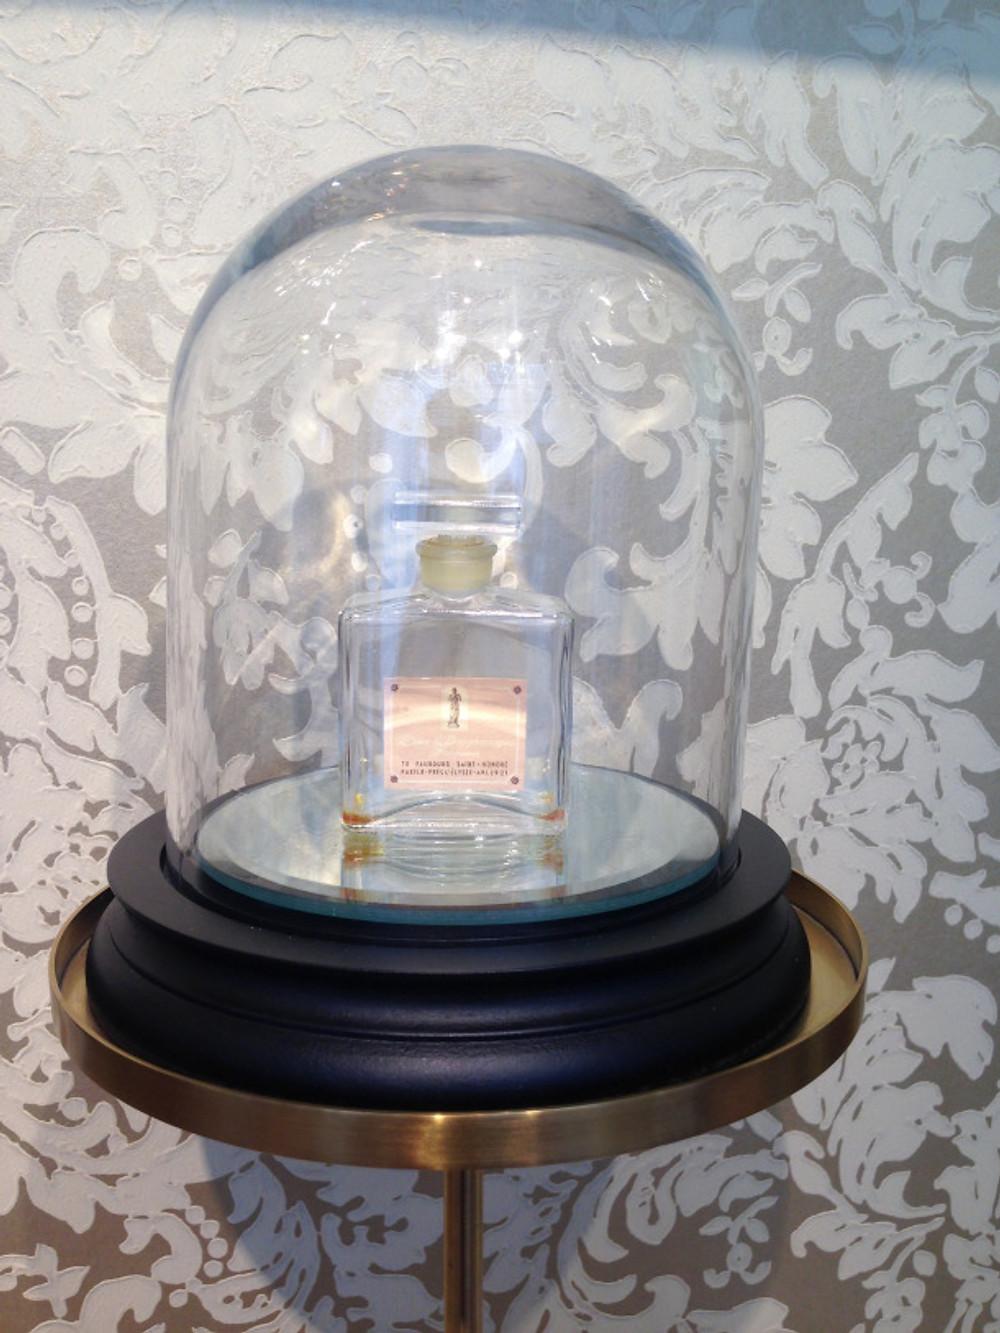 Seul un flacon originel du parfum Rose Desgranges de 1961 subsiste, créépar un maitre verrier, habillé de son étiquette initiale mettant en exergue la statue sous alcôve trônant dans la cour intérieure . Vous le découvrirez mis sous cloche dans son écrin d'origine !